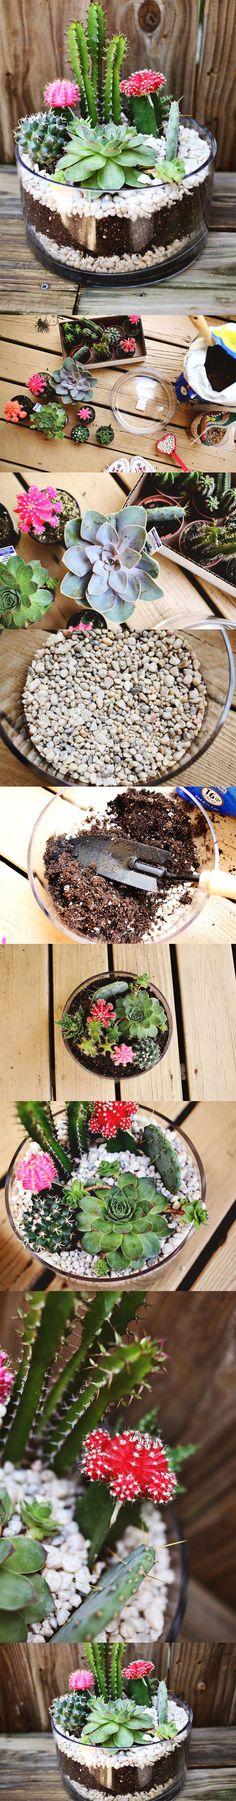 jardin-cactus-DIY-muy-ingenioso-2                                                                                                                                                                                 Más